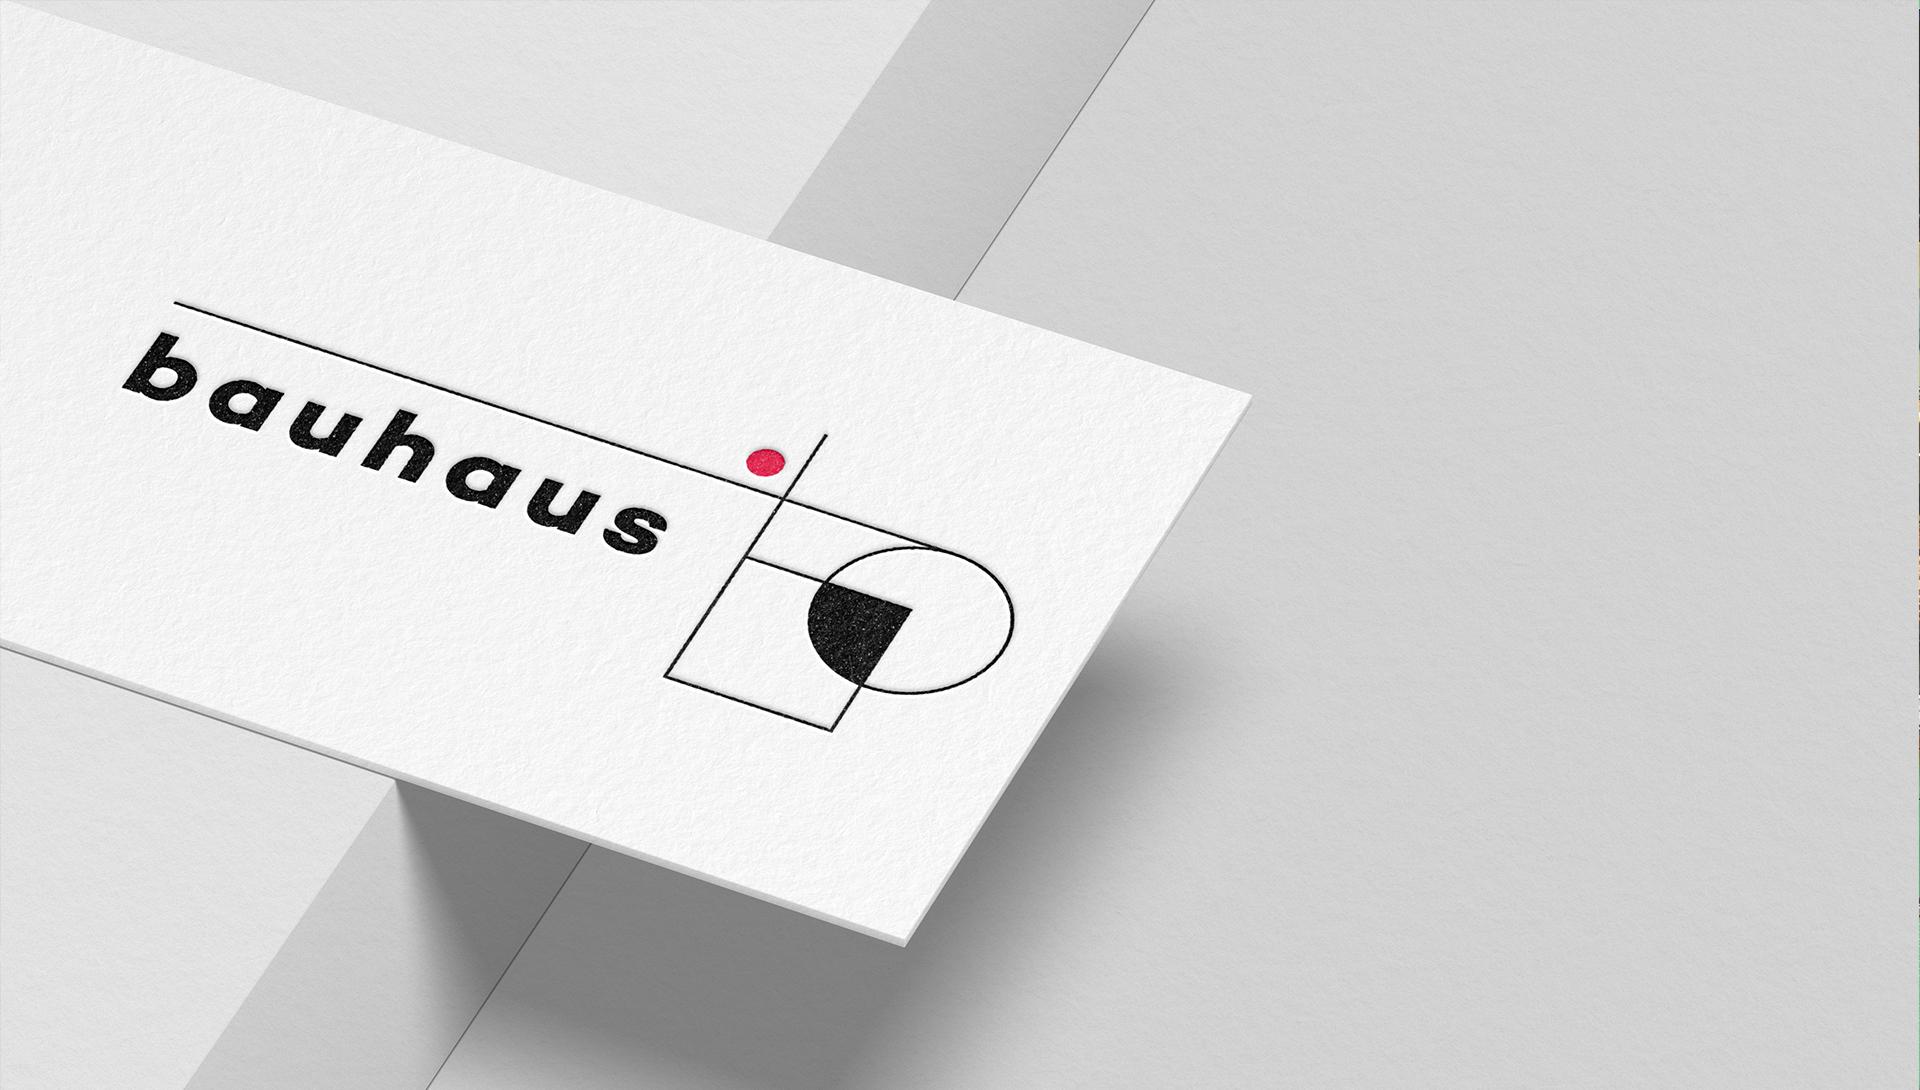 Image d'introduction pour présenter les services du studio de création et plus particulièrement la création de logo professionnel pour les entreprises et les marques.